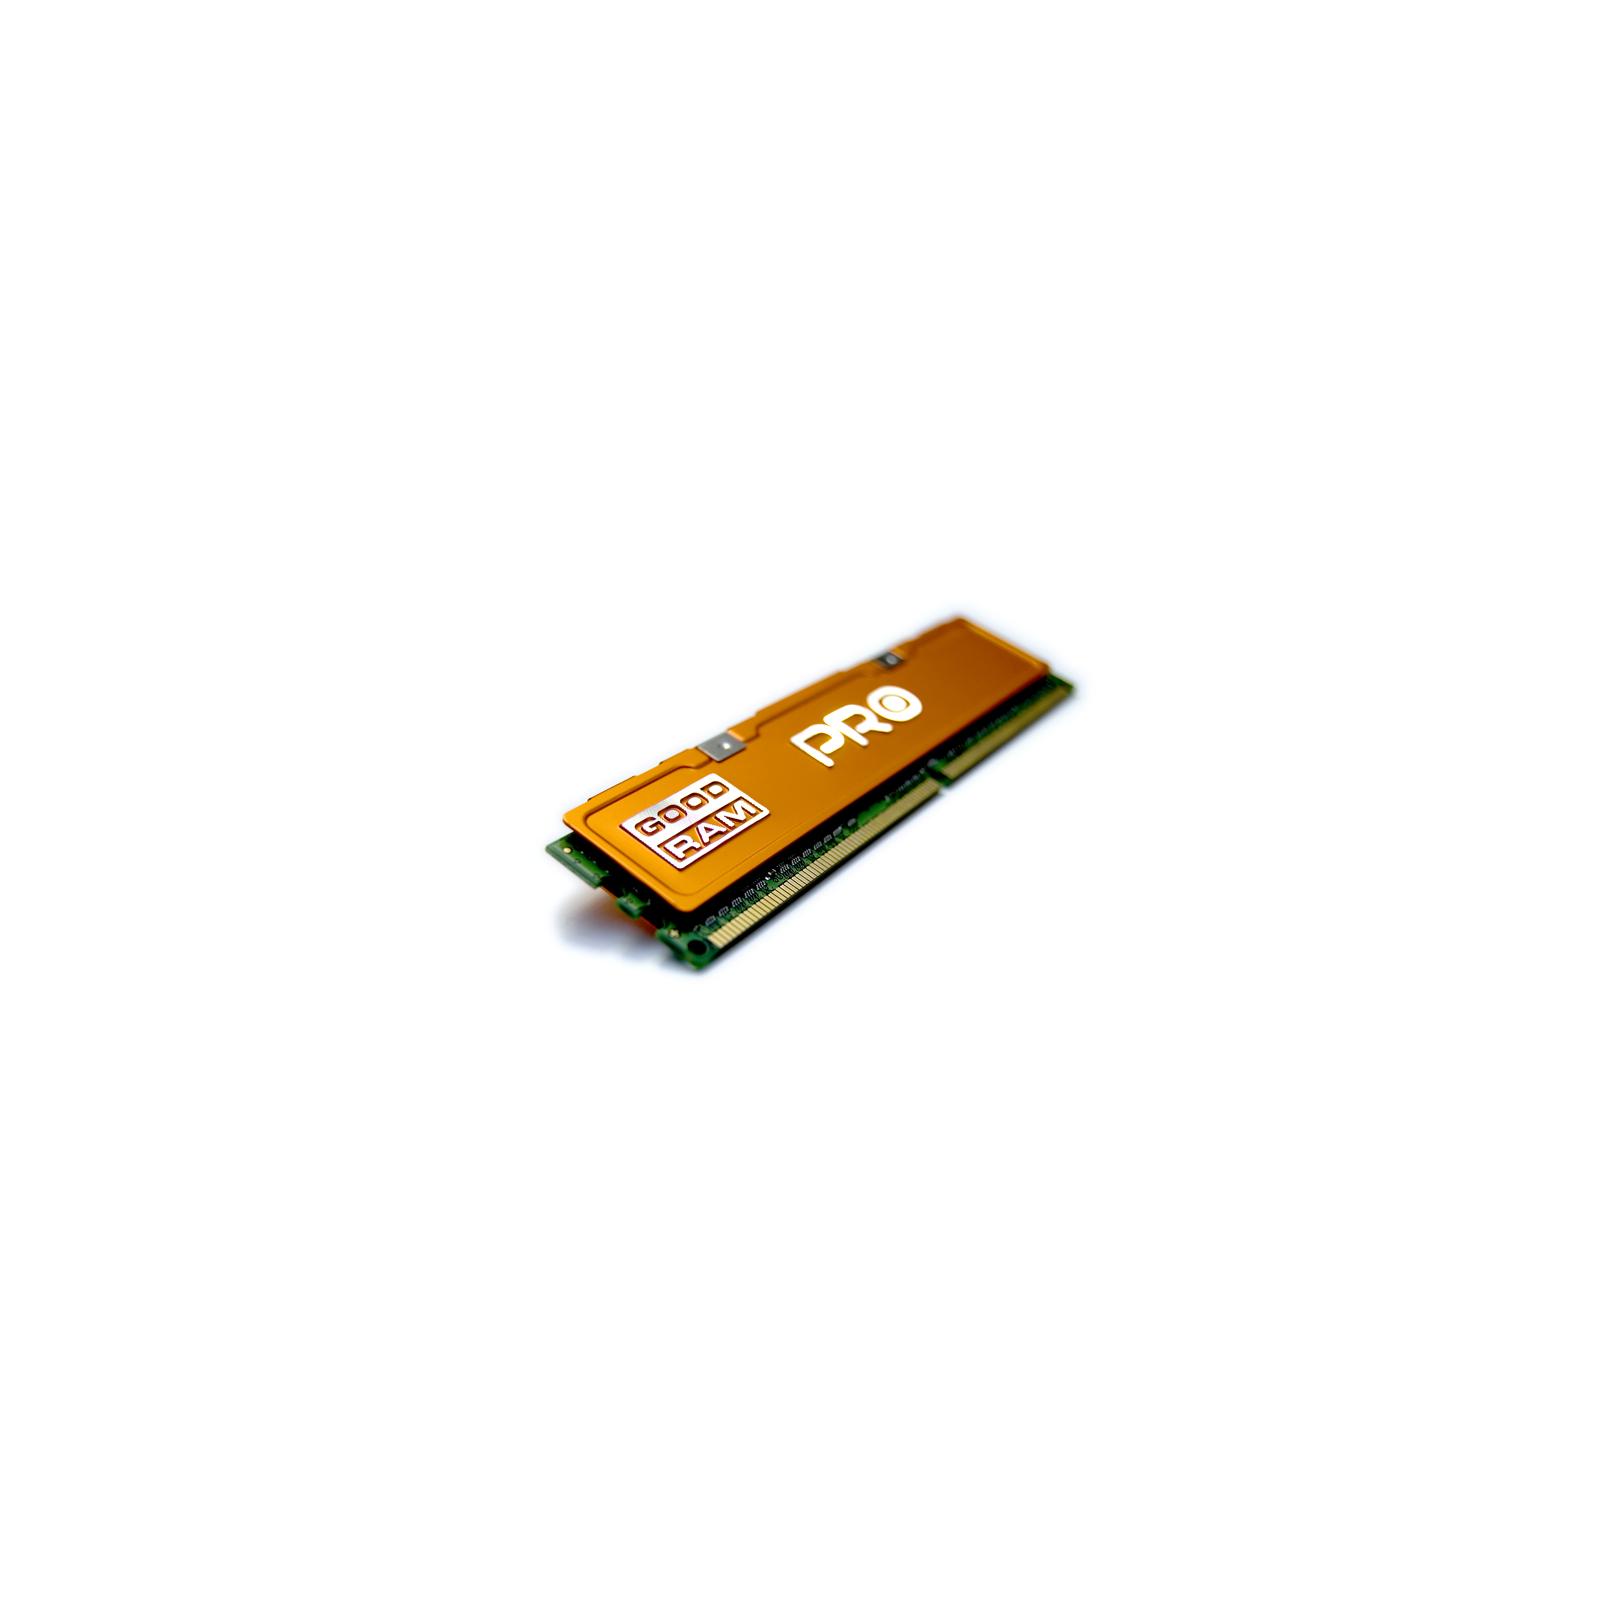 Модуль памяти для компьютера DDR3 4Gb 2133 MHz PRO GOODRAM (GP2133D364L10AS/4G) изображение 2